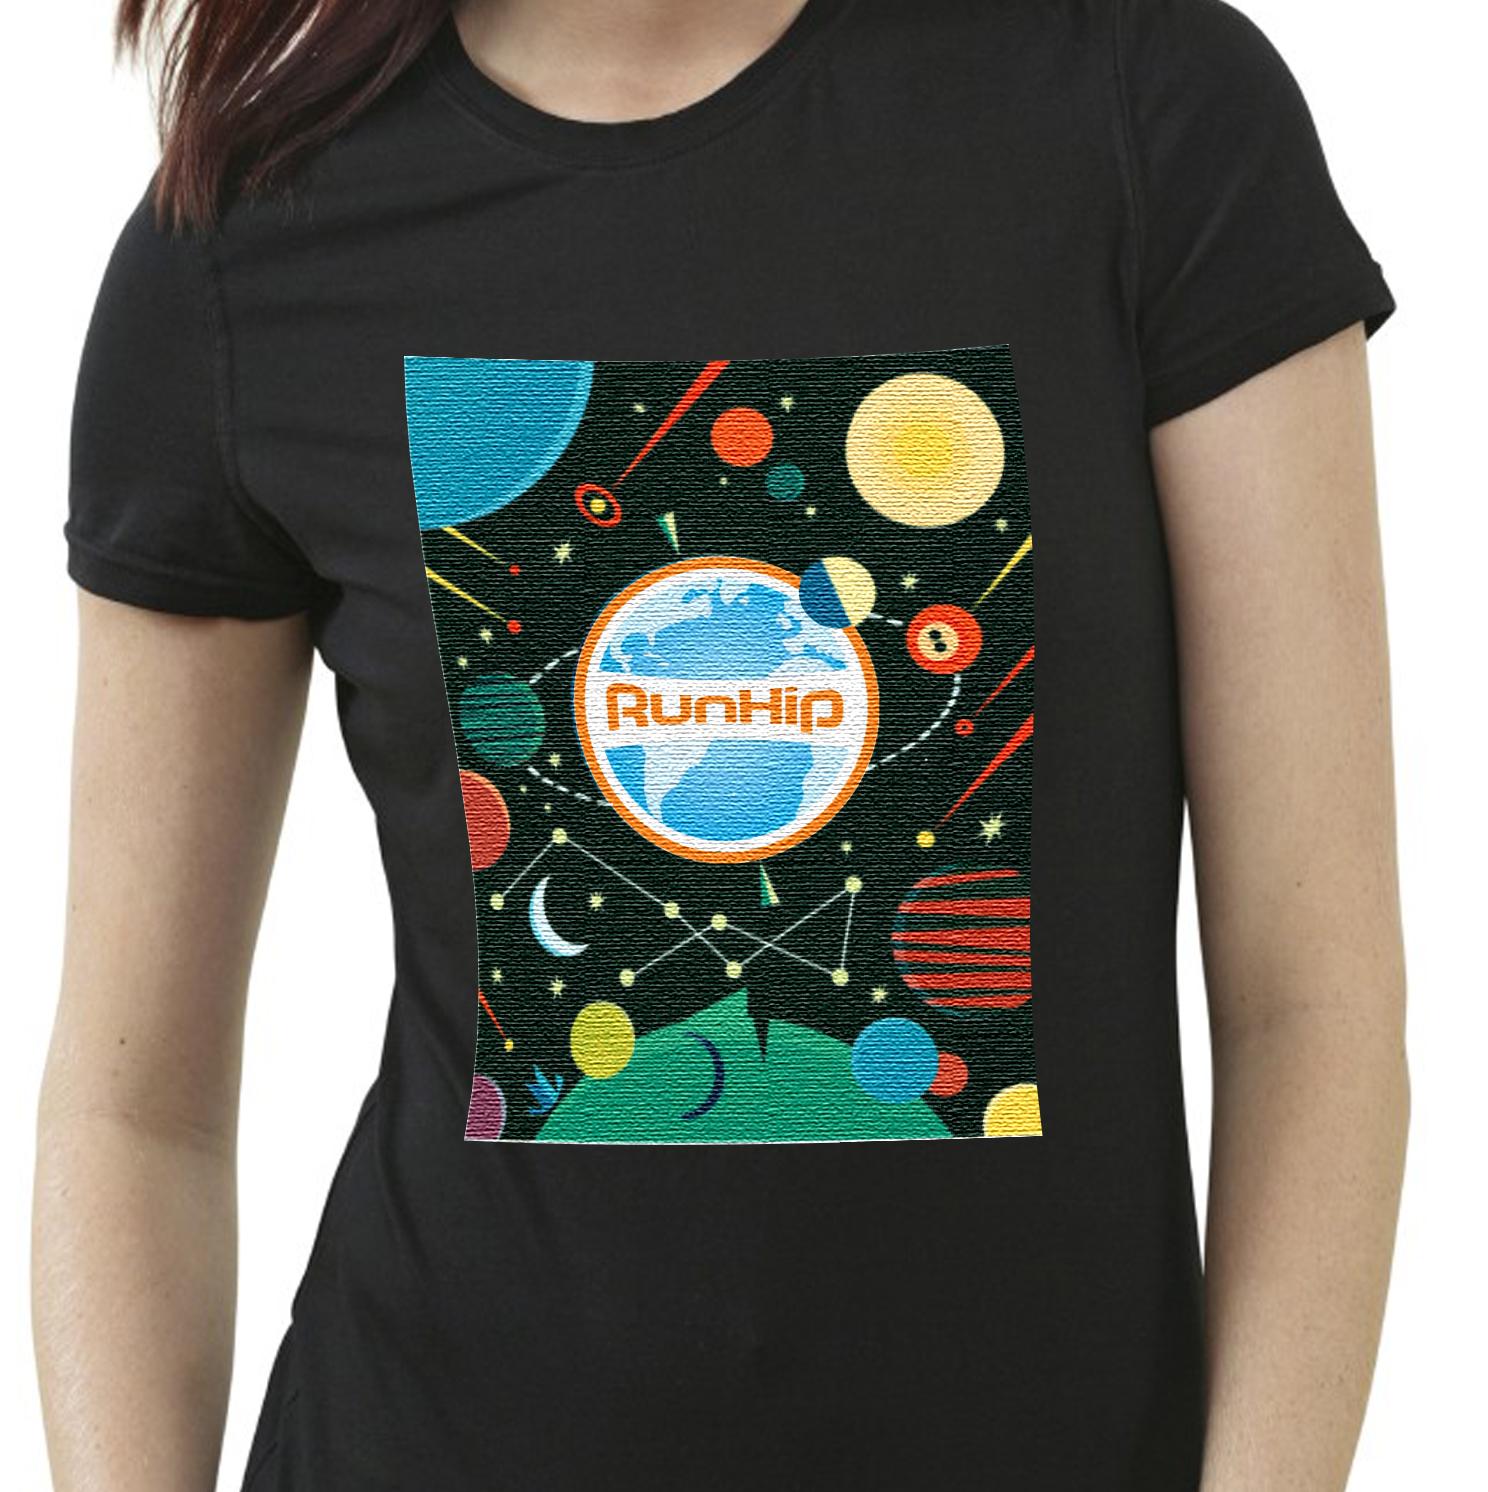 Modern Playful T Shirt Design For Ralph Harrington By